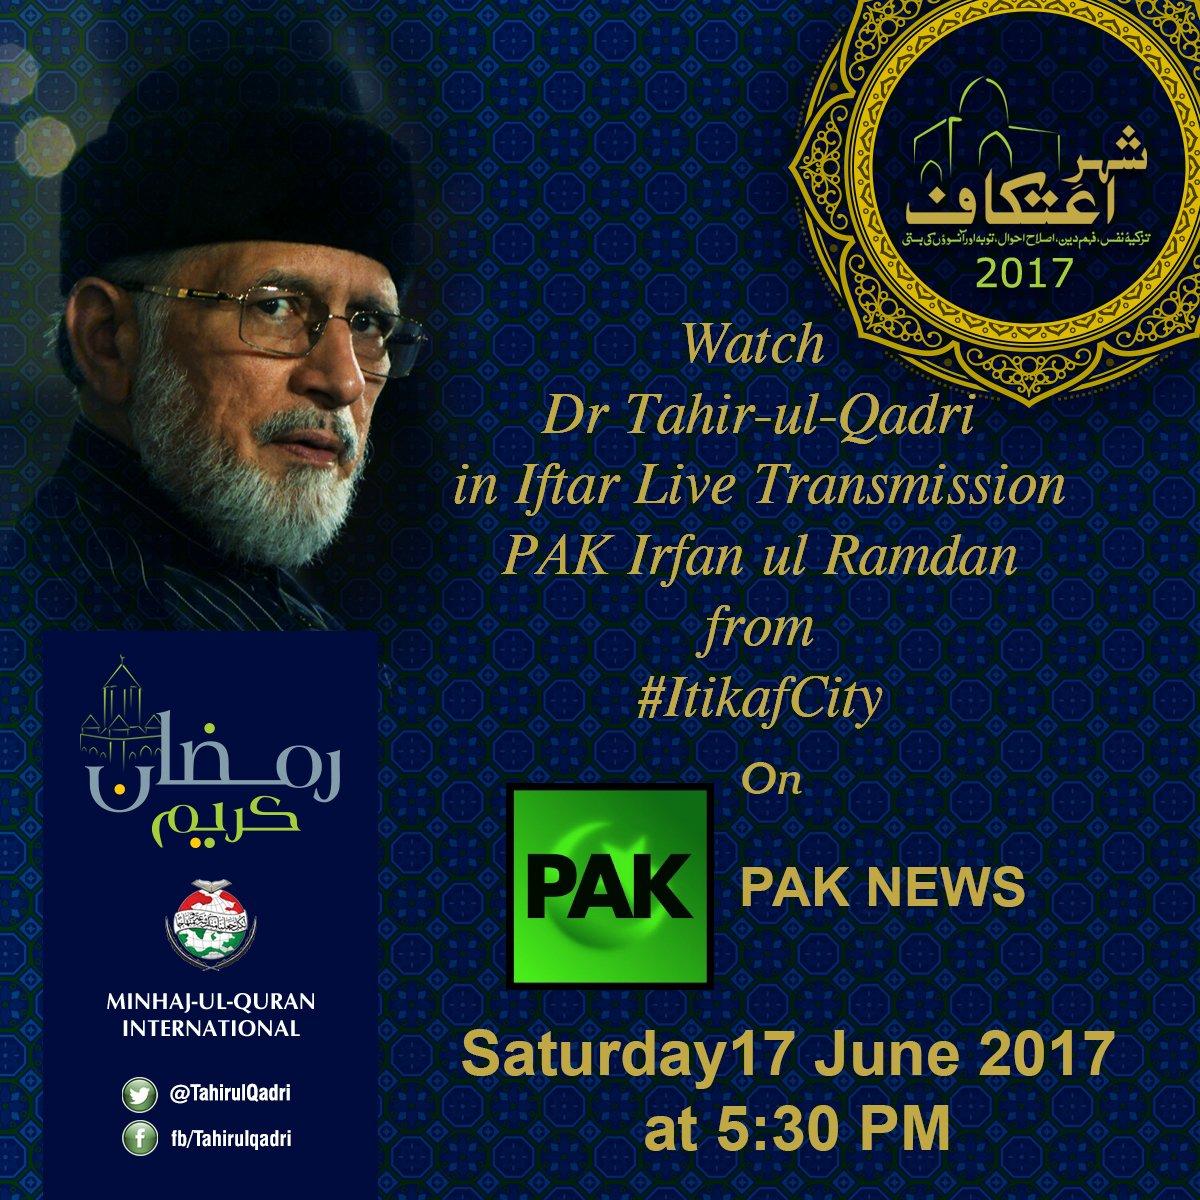 Watch Dr Tahir-ul-Qadri in Iftar Live Transmission 'PAK Irfan-ul-Ramadan' from Itikaf City on PAK NEWS. SAT 17 June at 5:30 PM